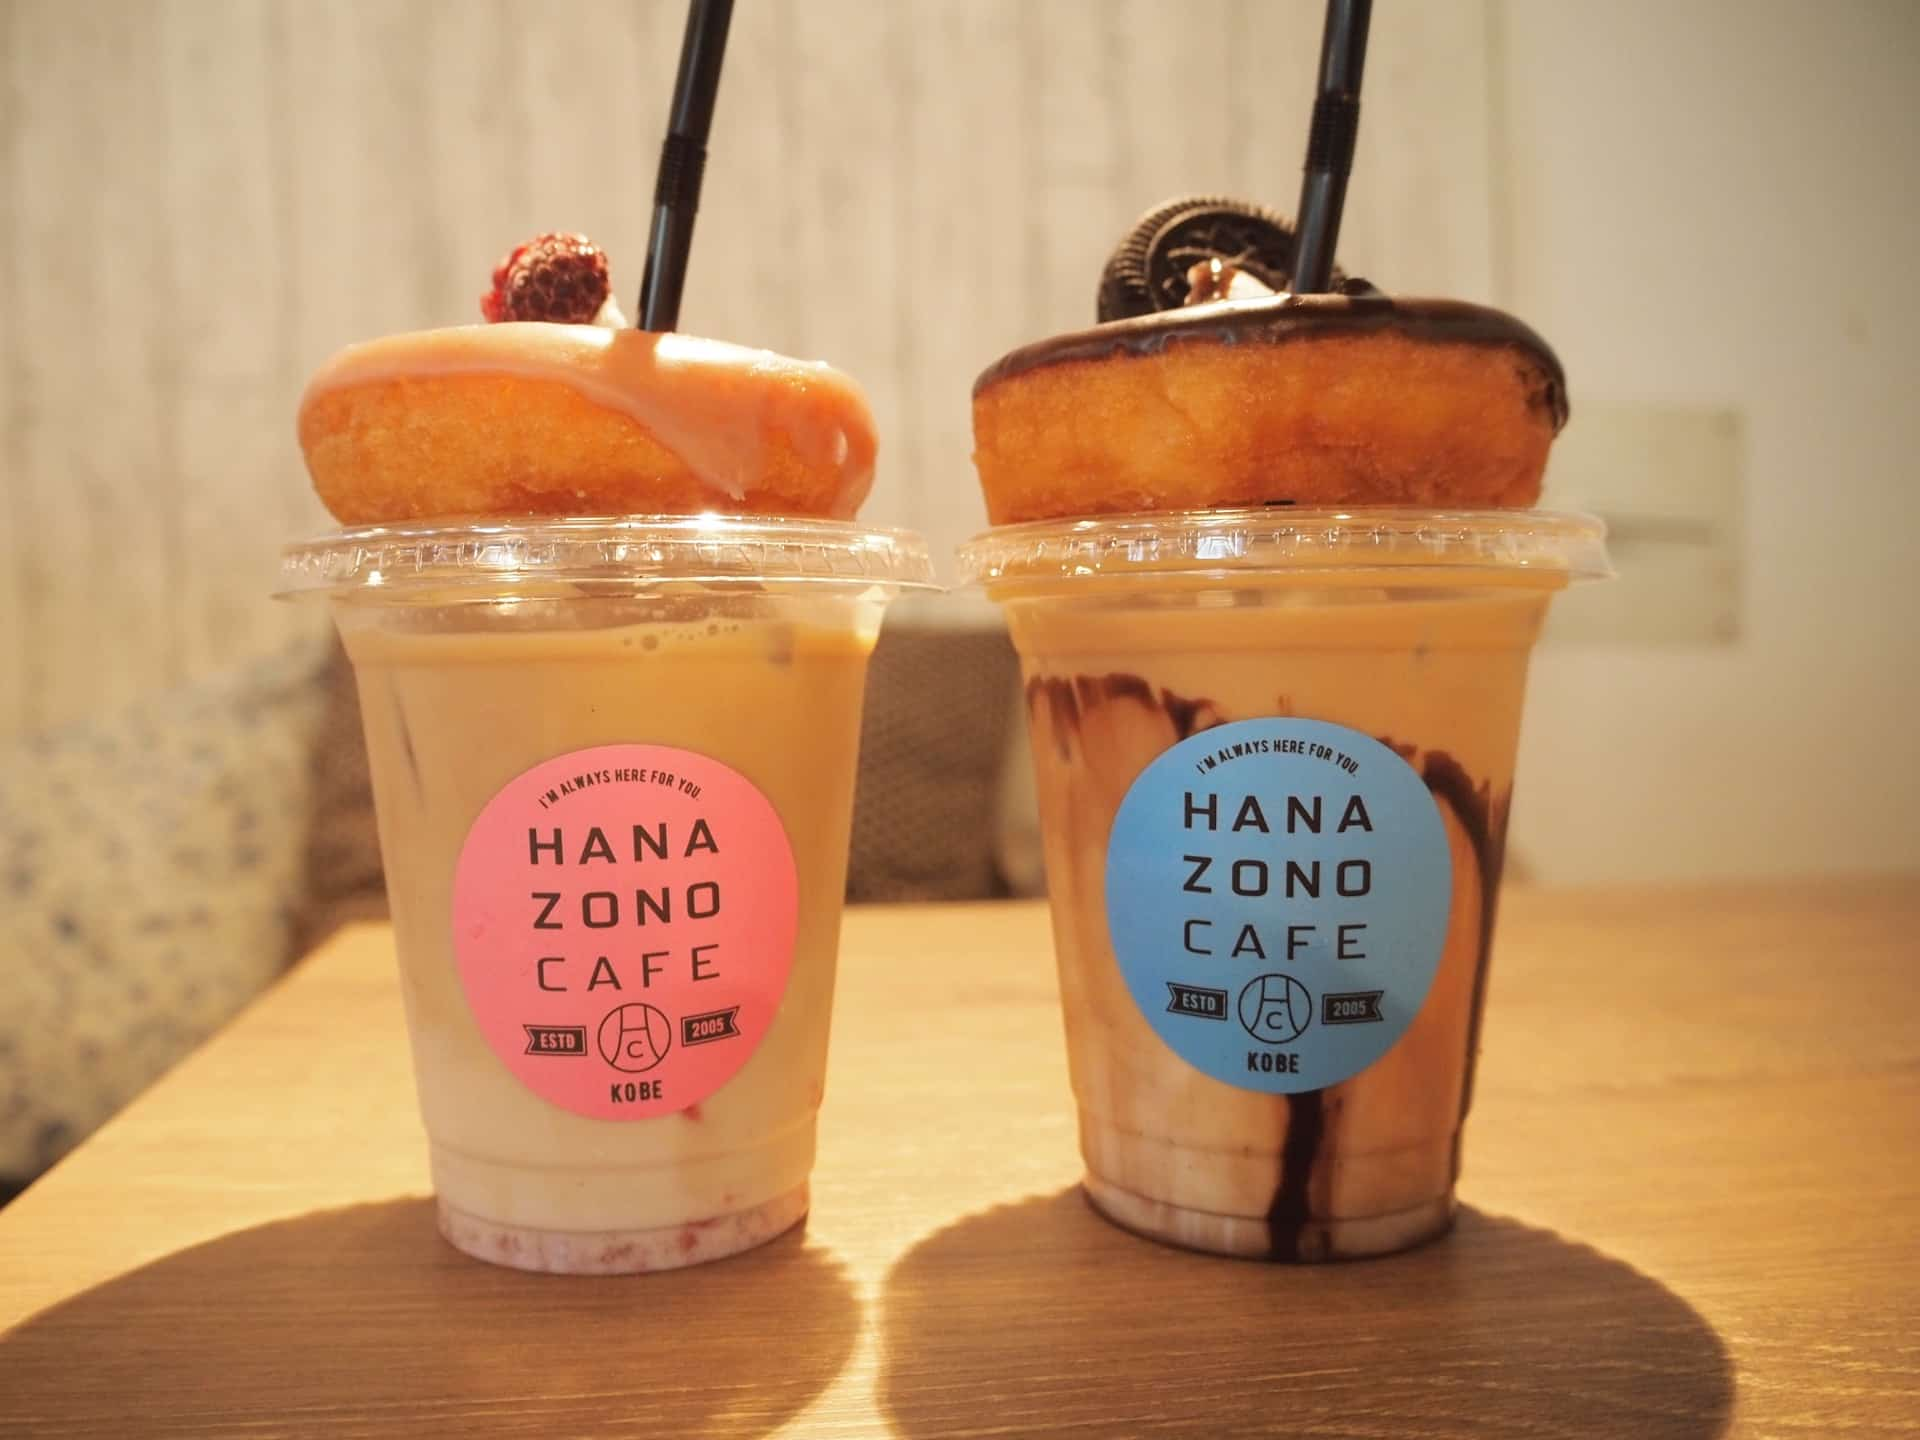 HANAZONO CAFE – ミミラテドーナツがインスタで人気!三宮・トアウエストにあるカフェ